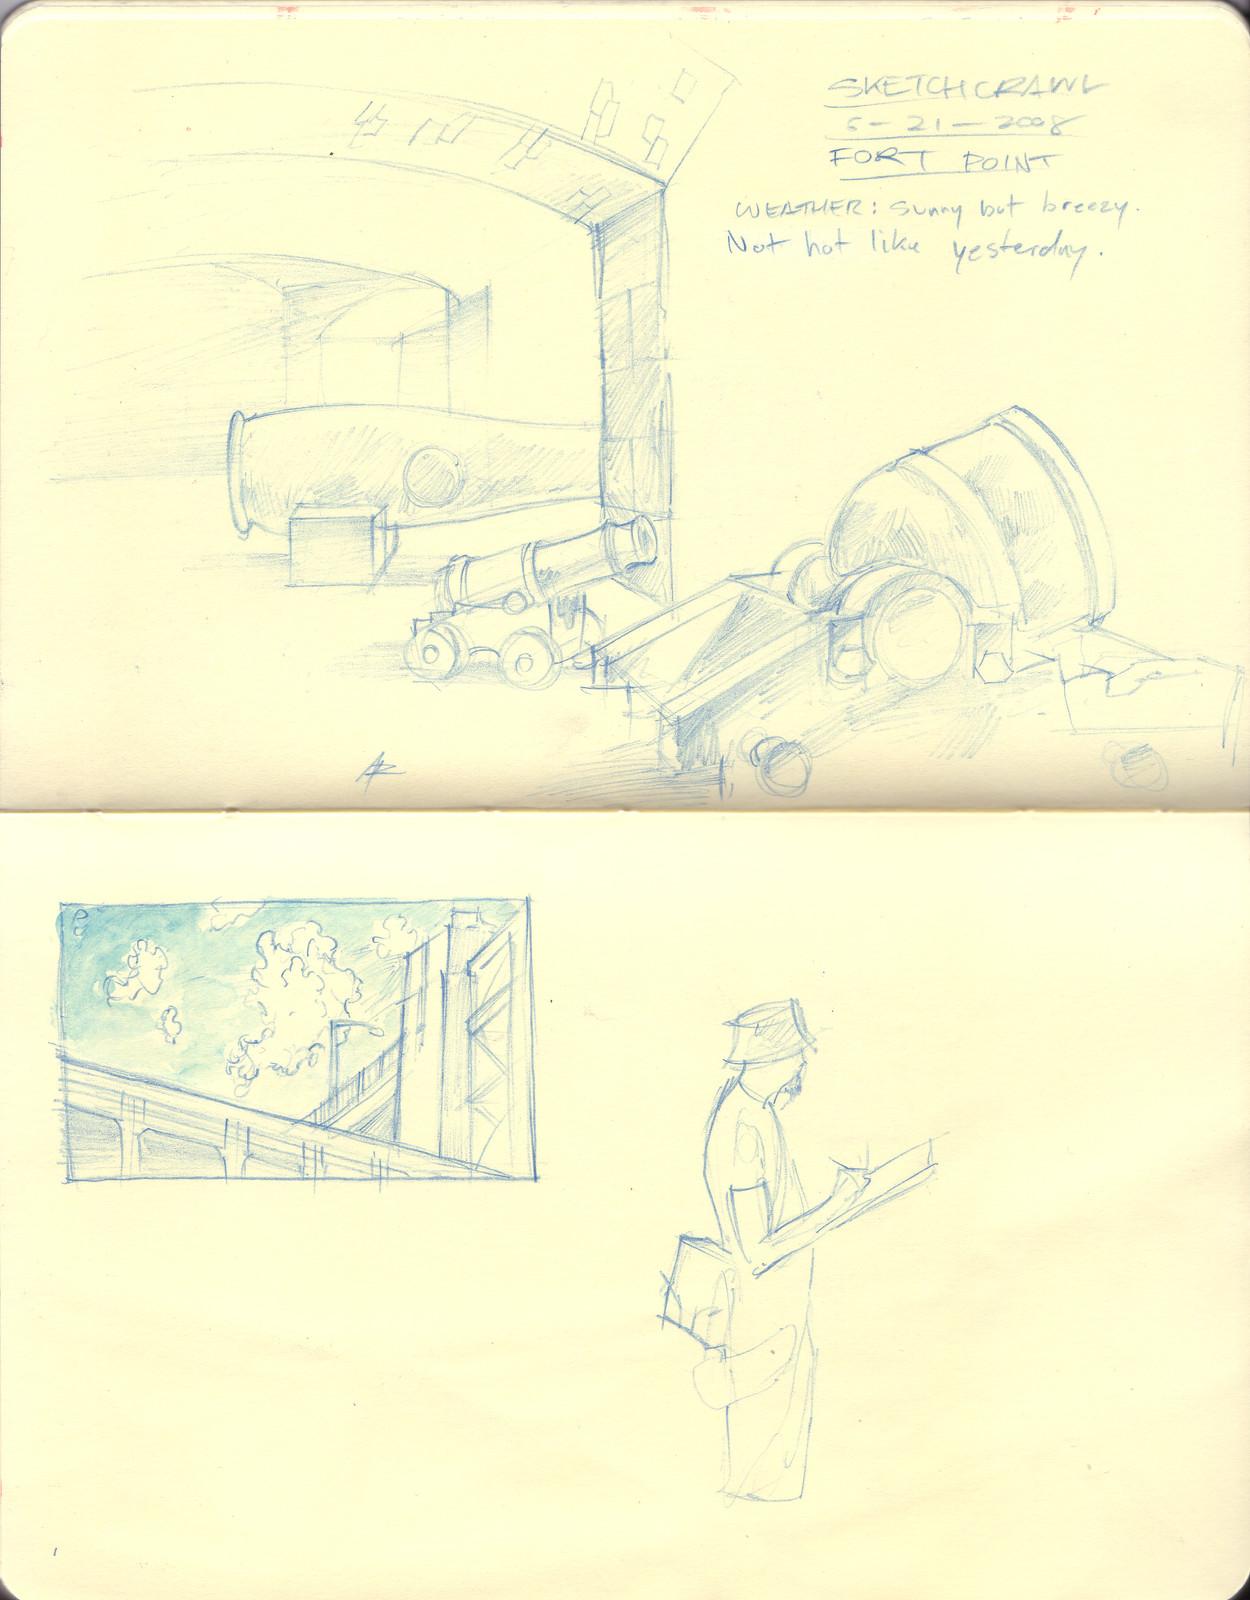 Sketchcrawl SF